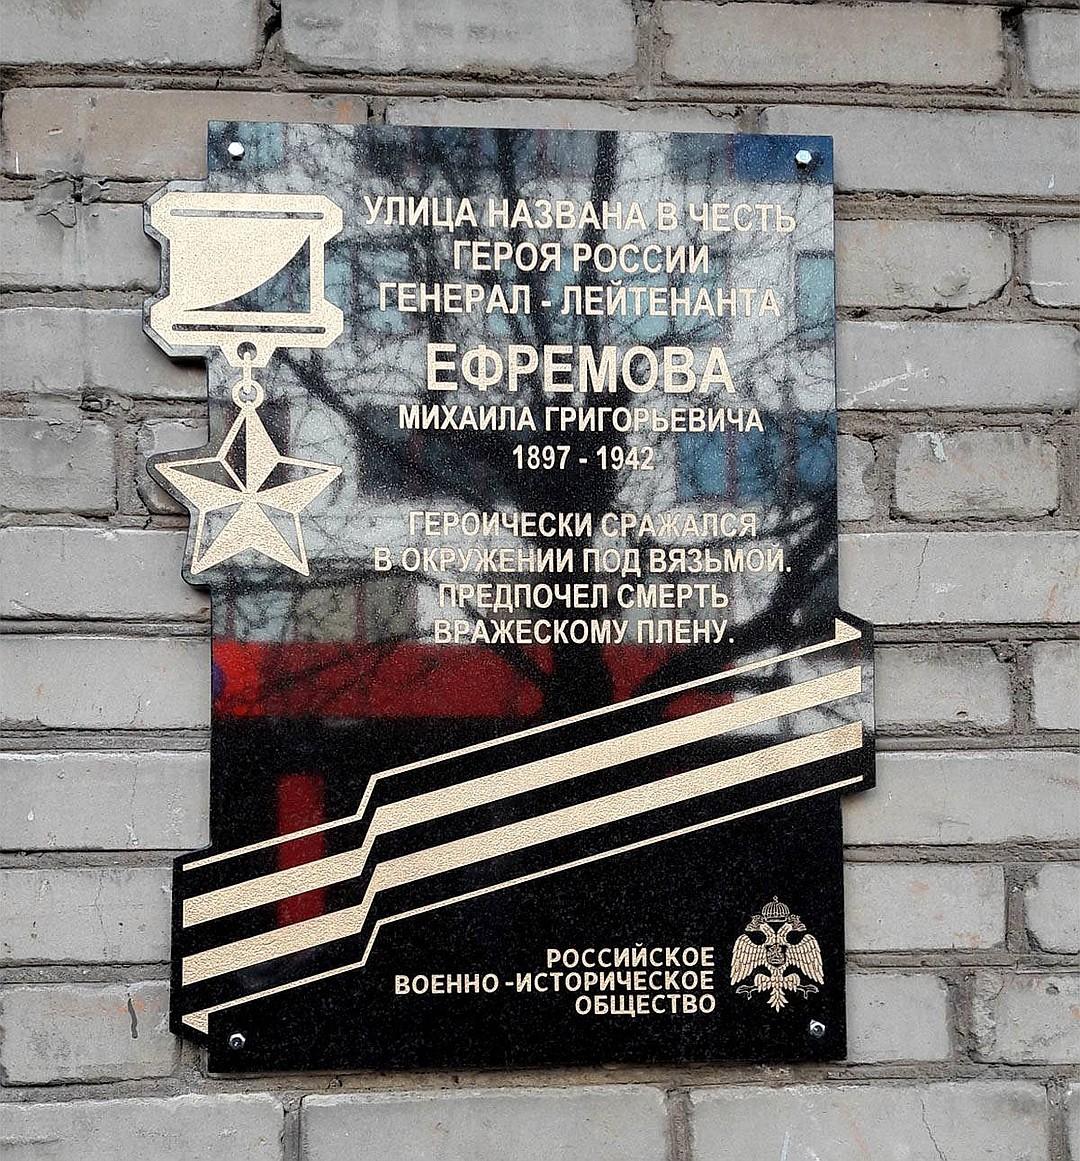 Памятная табличка о генерале Михаиле Ефремове появилась на одноименной улице в Москве в преддверии Дня Победы в 2018 году.